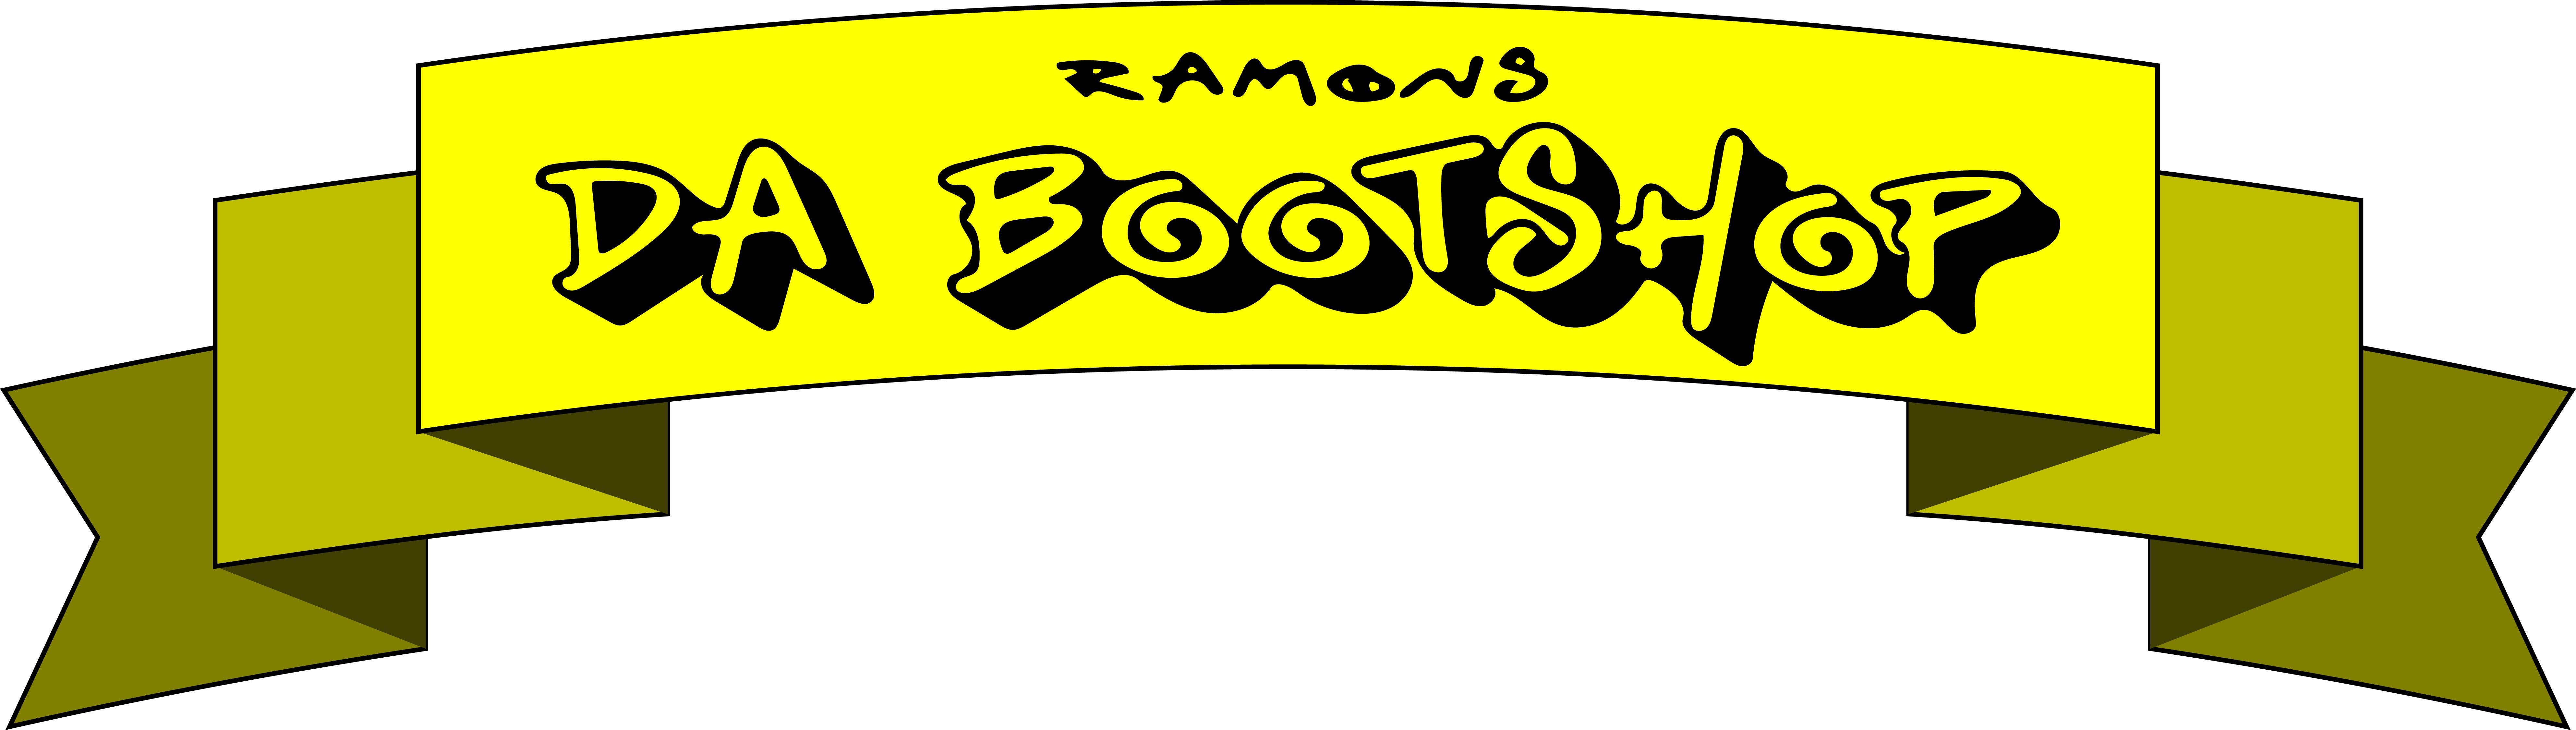 Da Boot Shop - Fayetteville NC